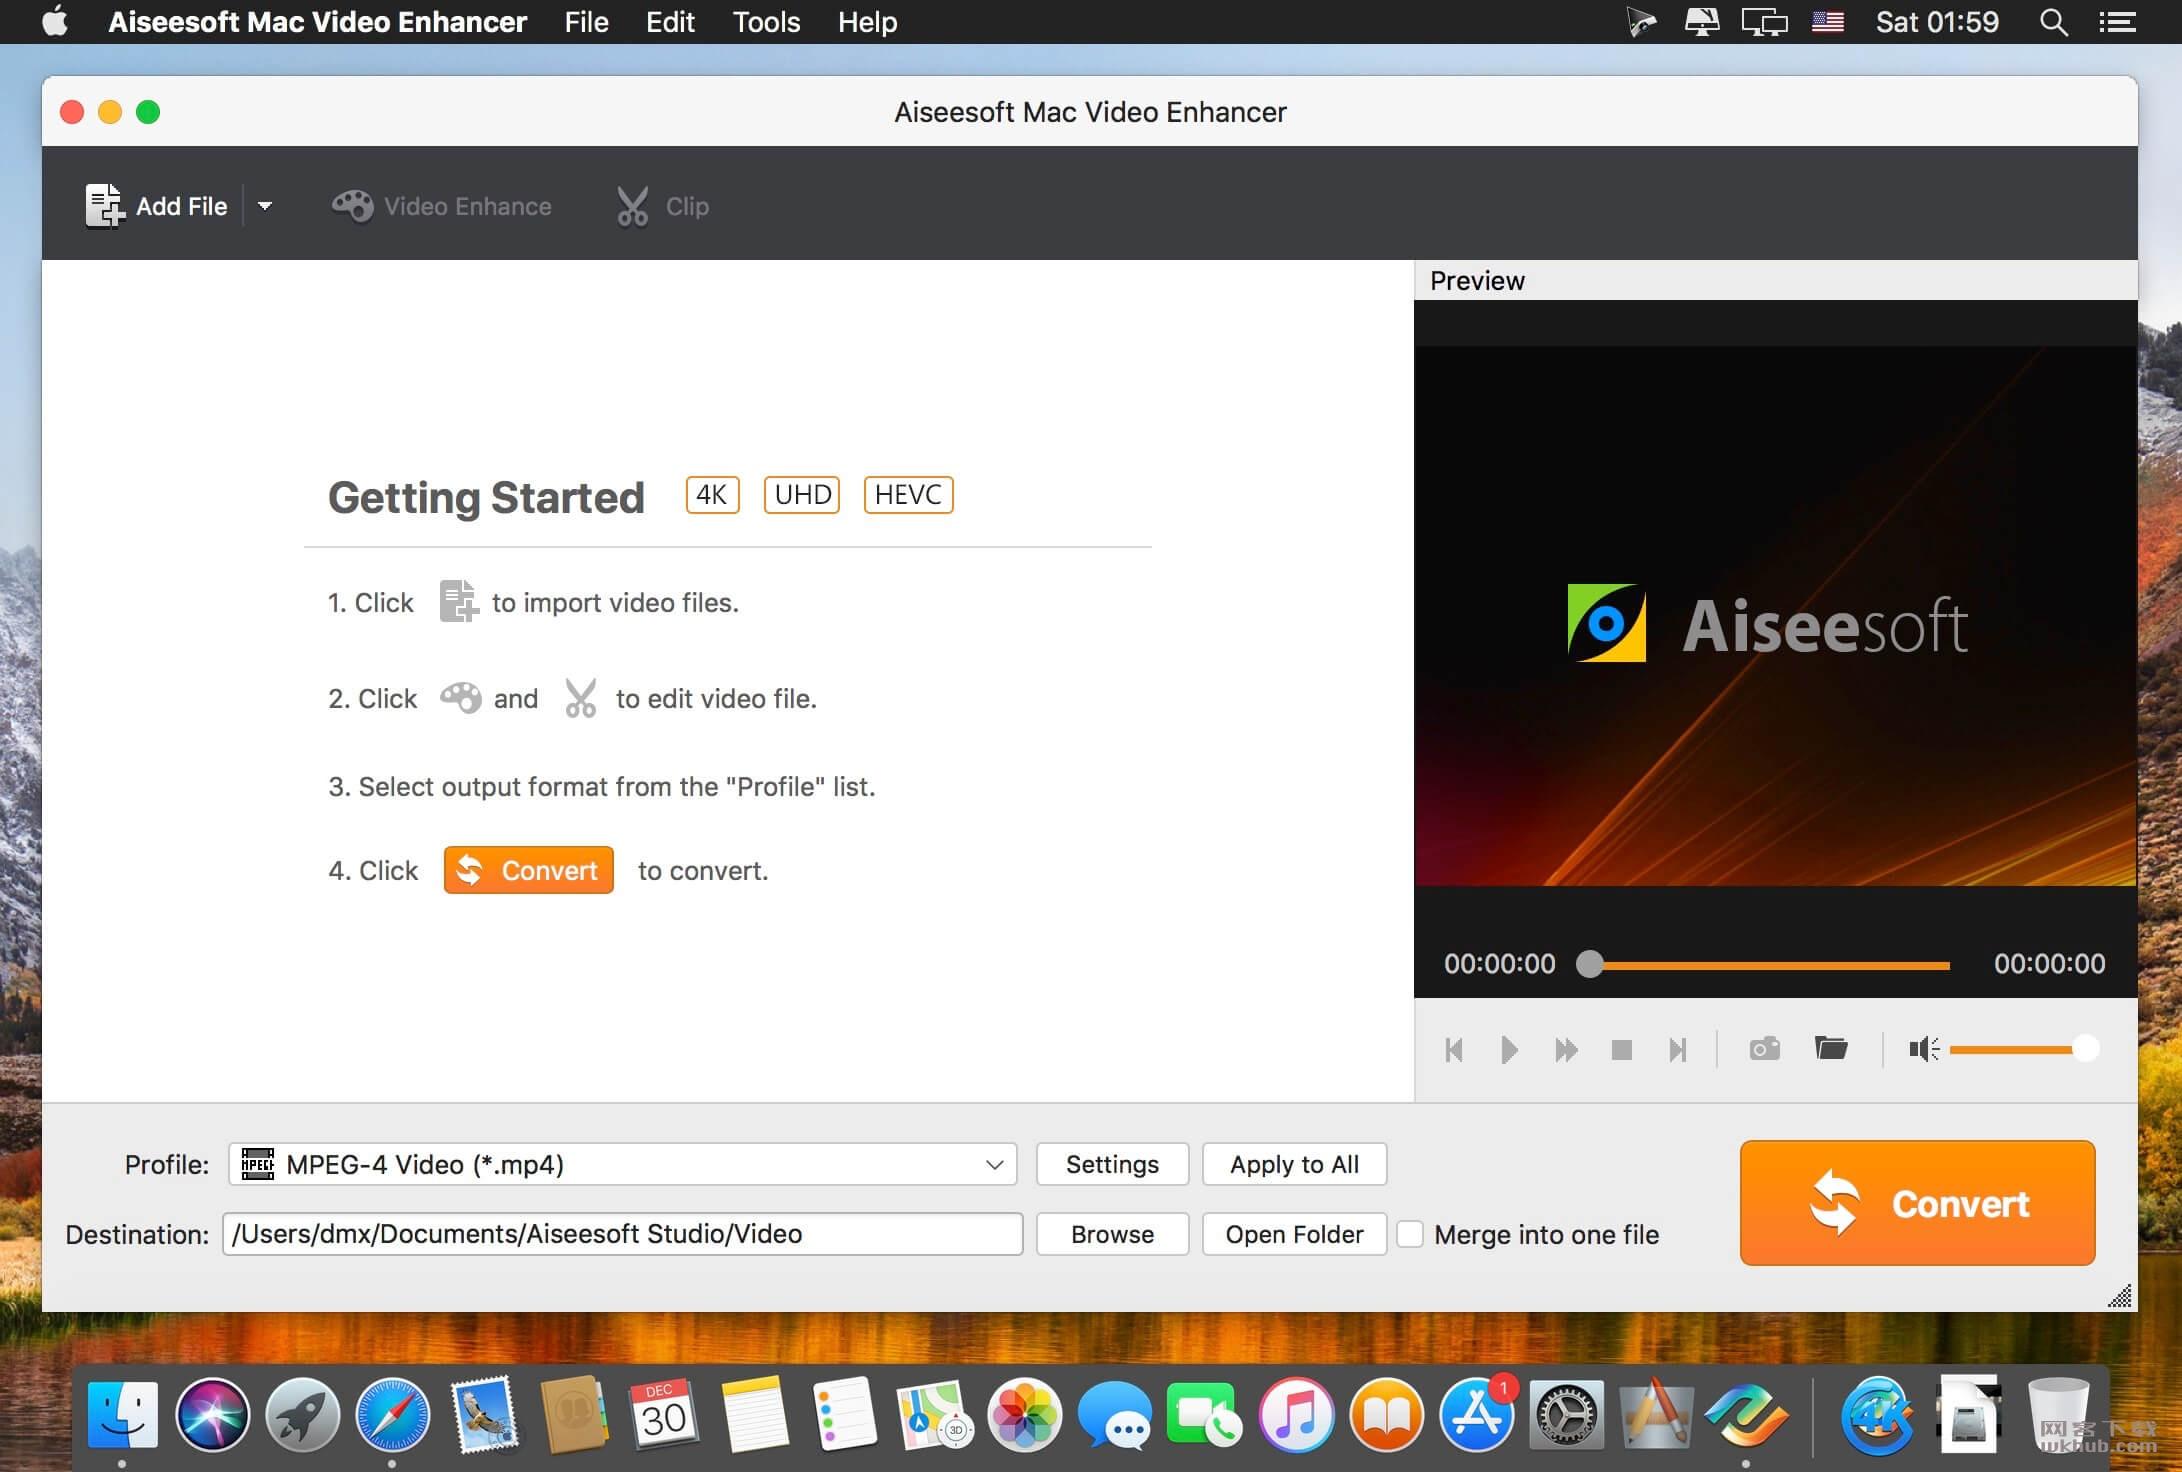 Aiseesoft Mac Video Enhancer 9.2.16 视频增强工具